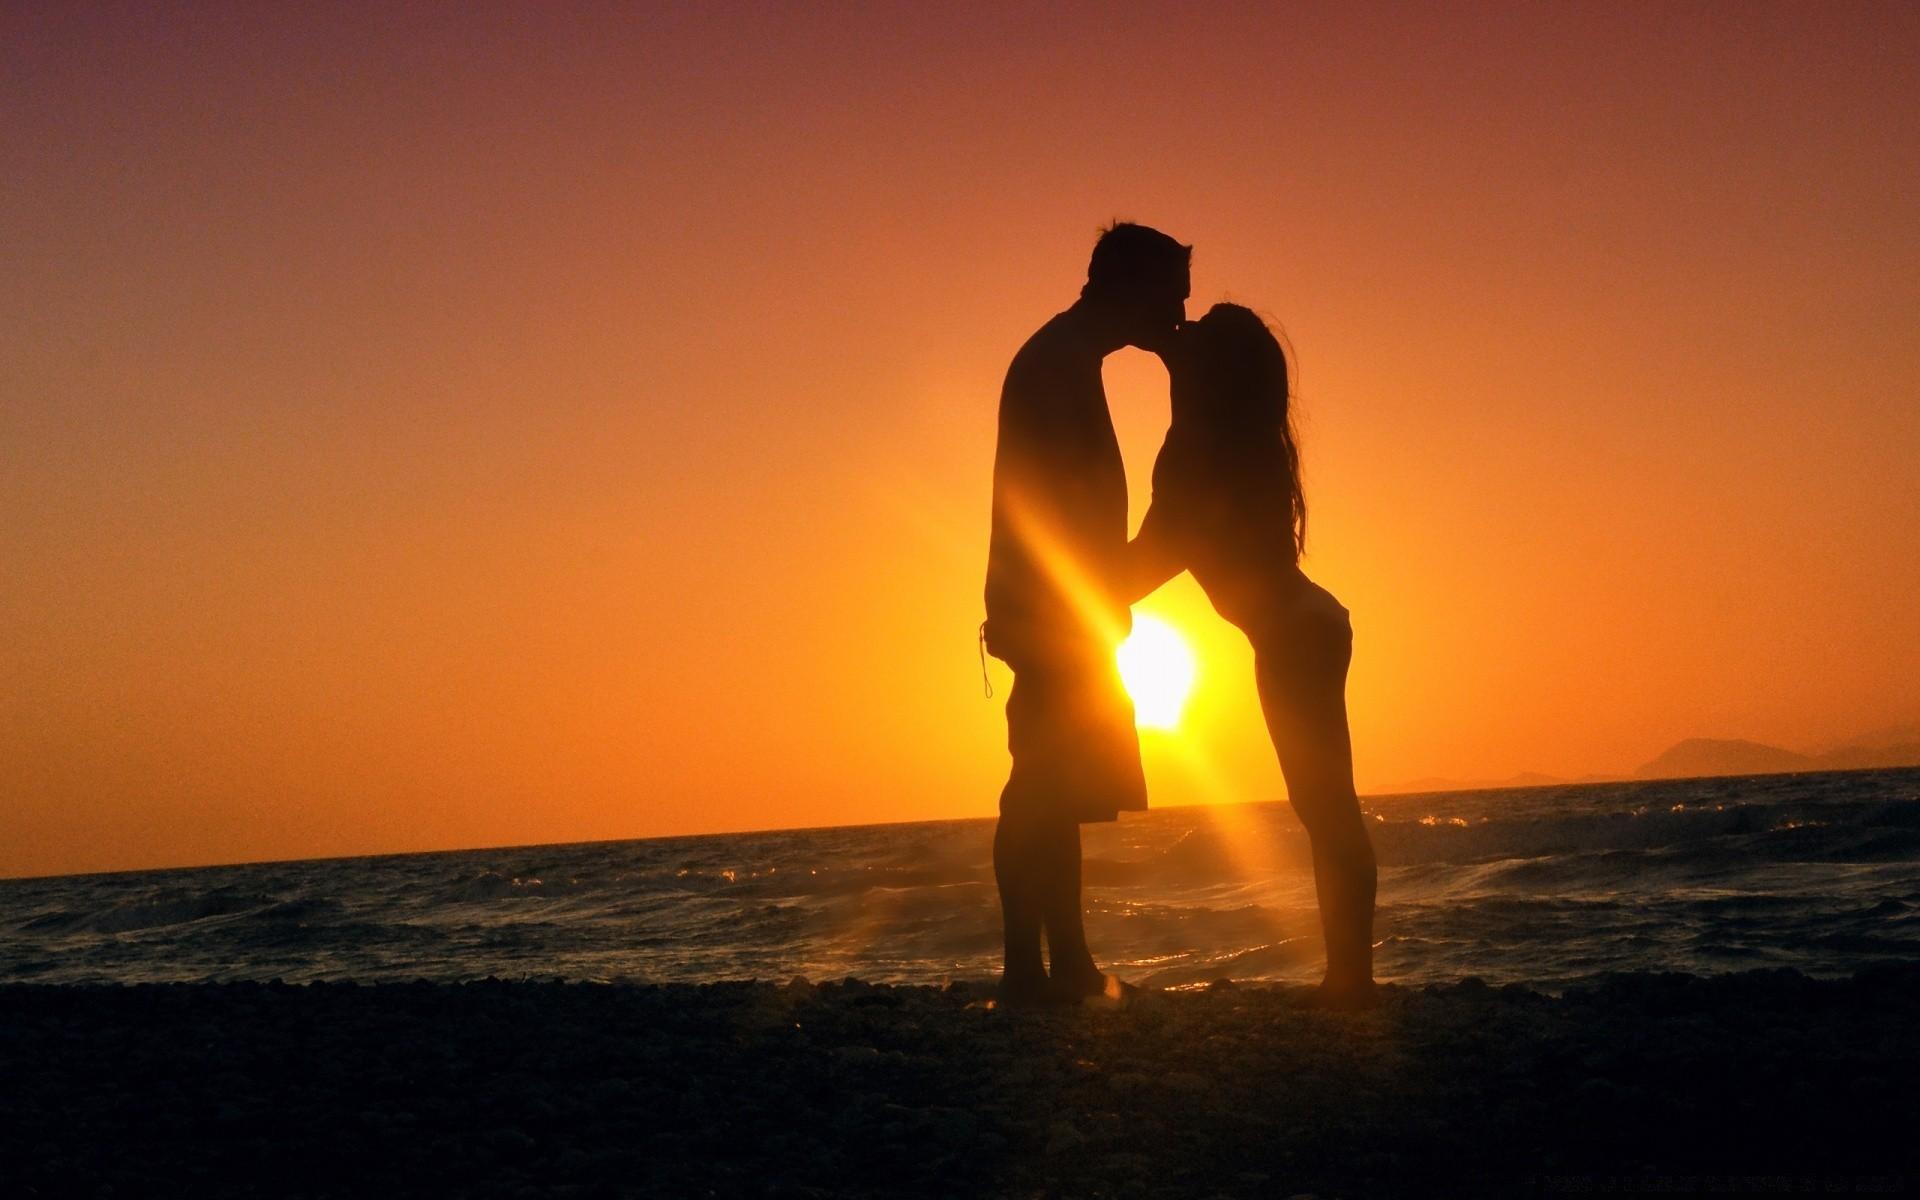 актуальную целующиеся на море картинки буду каким-то простым